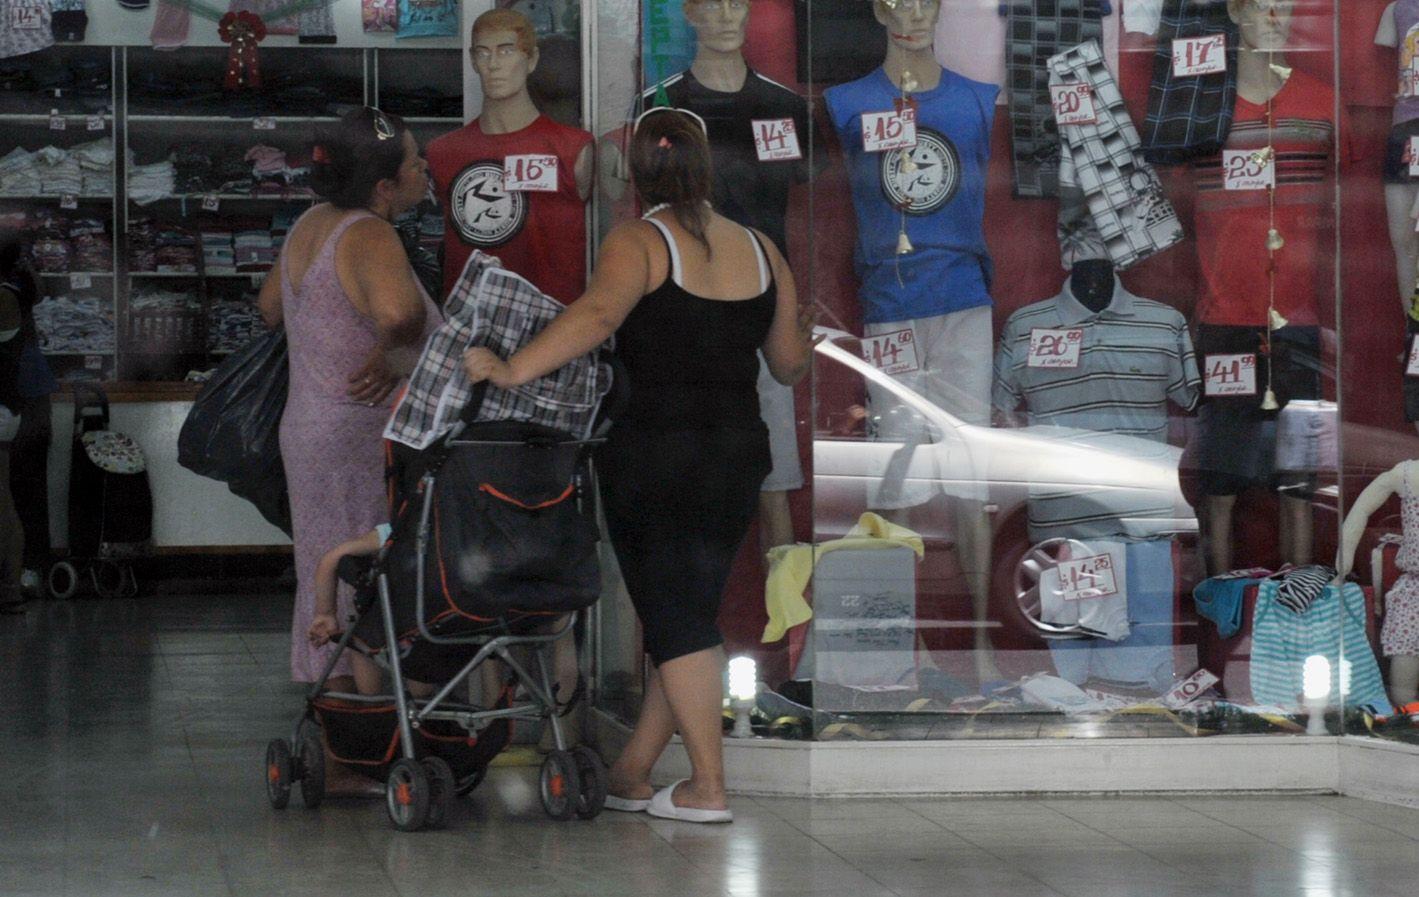 Poca ropa. El sector de indumentaria registró una baja anual de 9%. El clima no ayudó a las ventas de invierno.